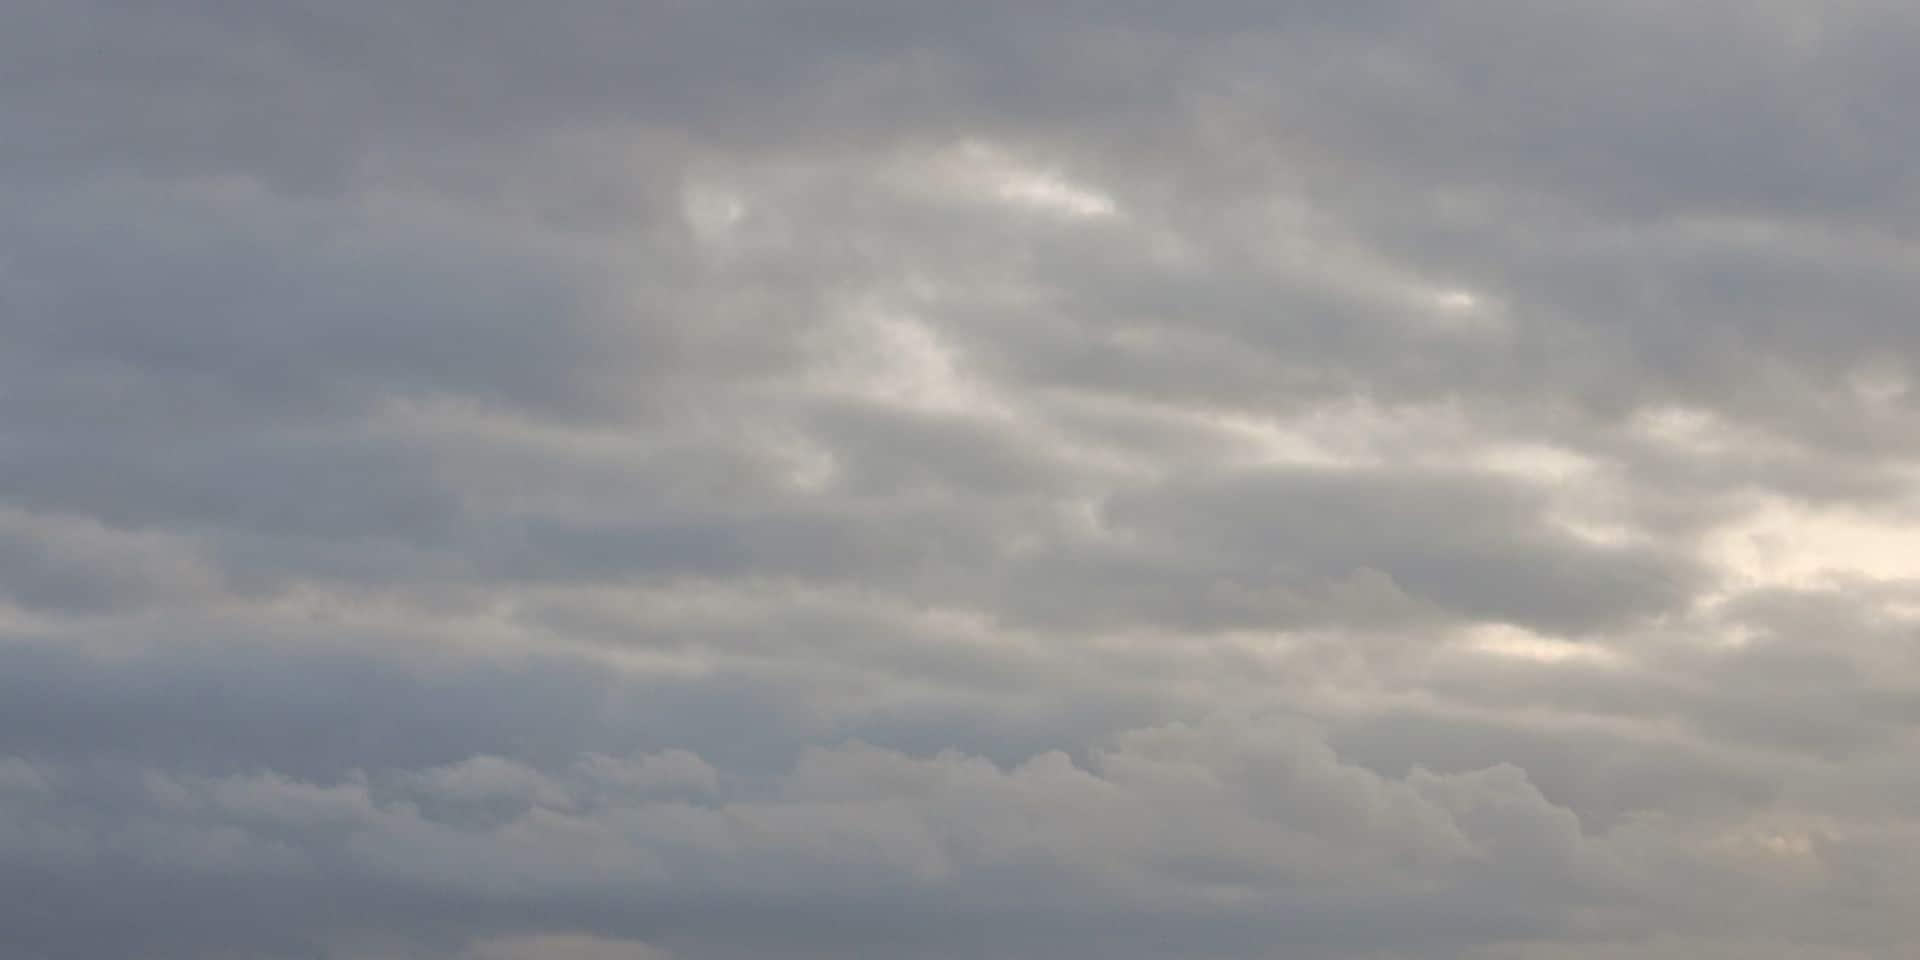 Météo: un ciel partagé entre nuages et éclaircies et un thermomètre encore frileux